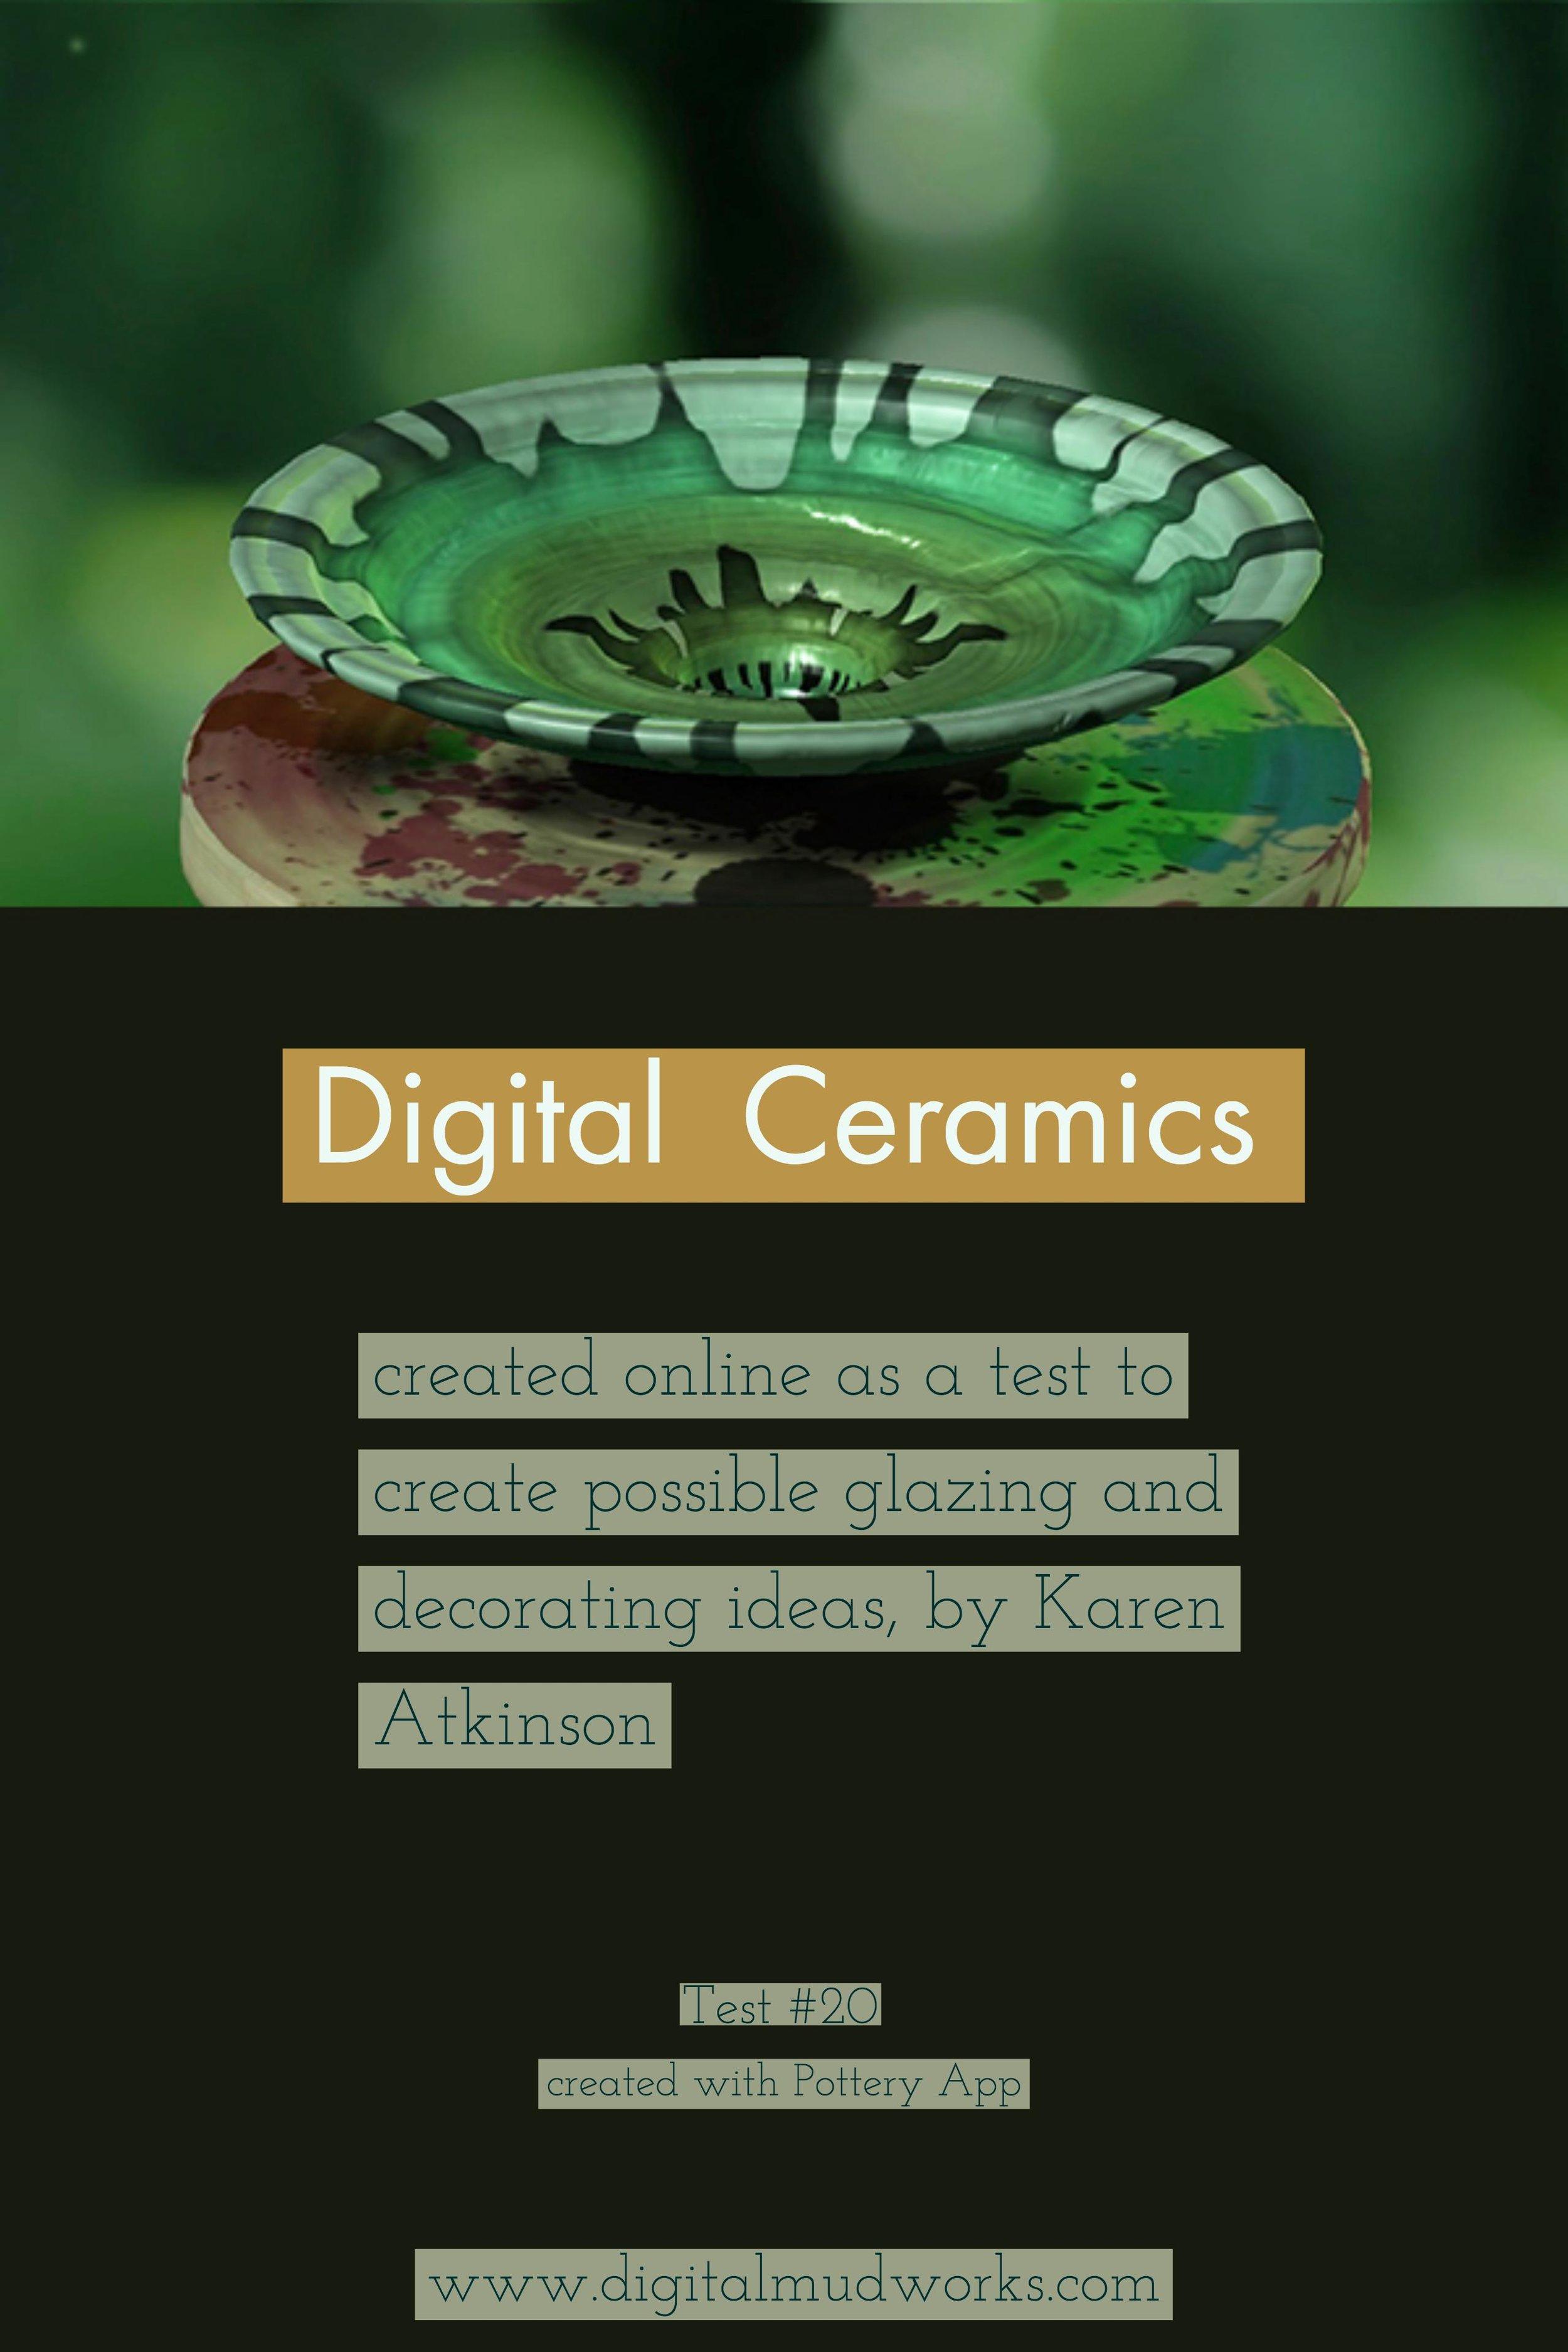 Digital Ceramics Test 020, using a computer app to do glaze and design tests. by Karen Atkinson